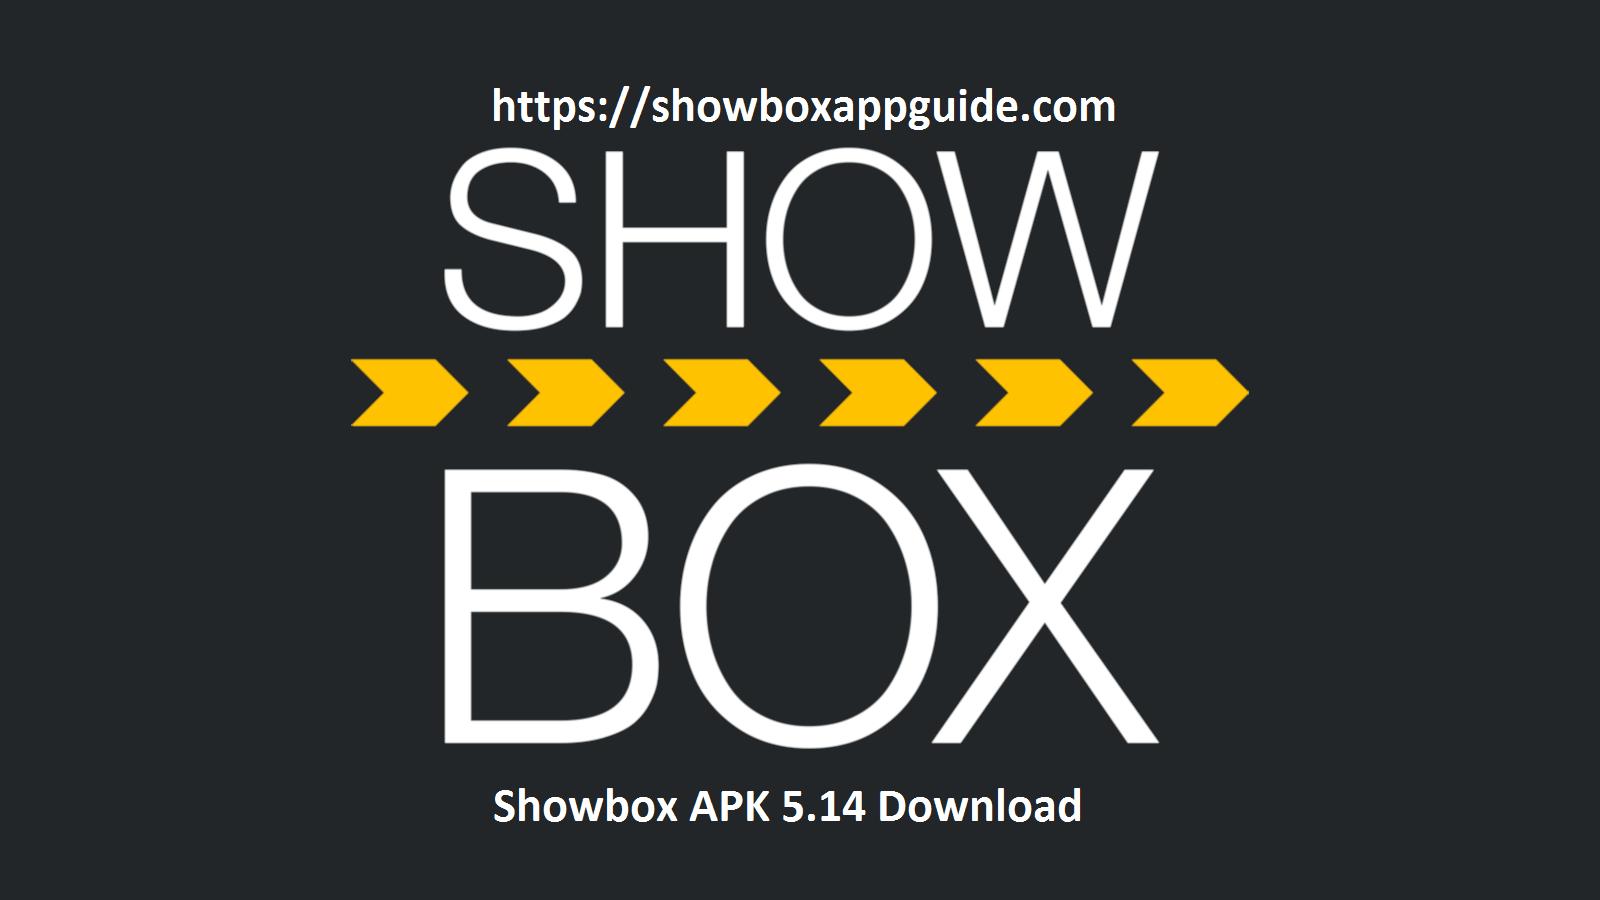 Showbox APK iOS Download for iPhone and iPad Showbox APK